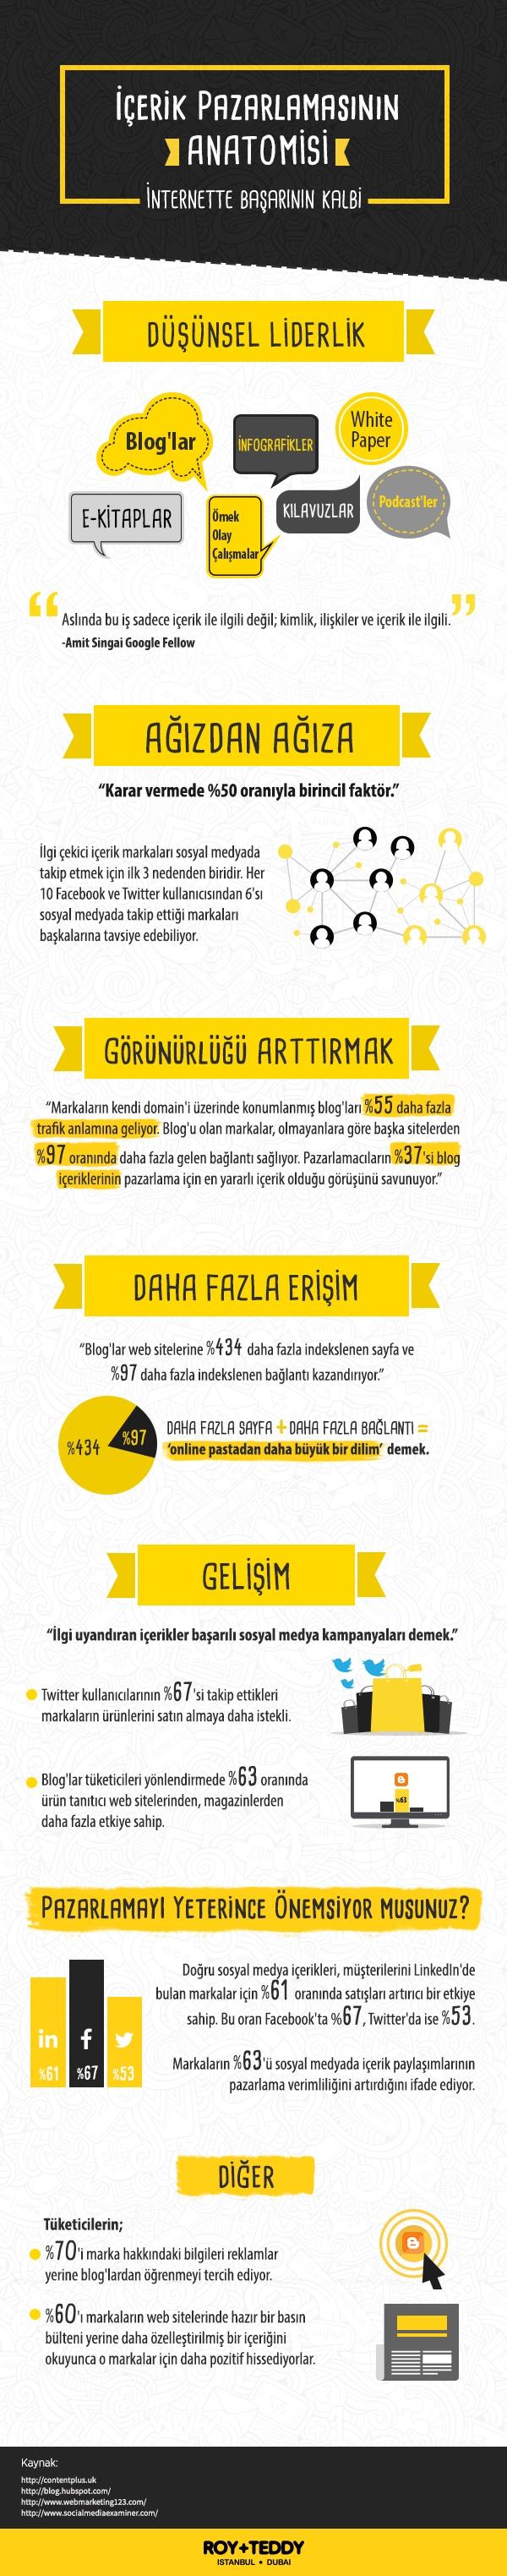 Infografik-icerik-pazarlamasinin-anatomisi_RoyandTeddy